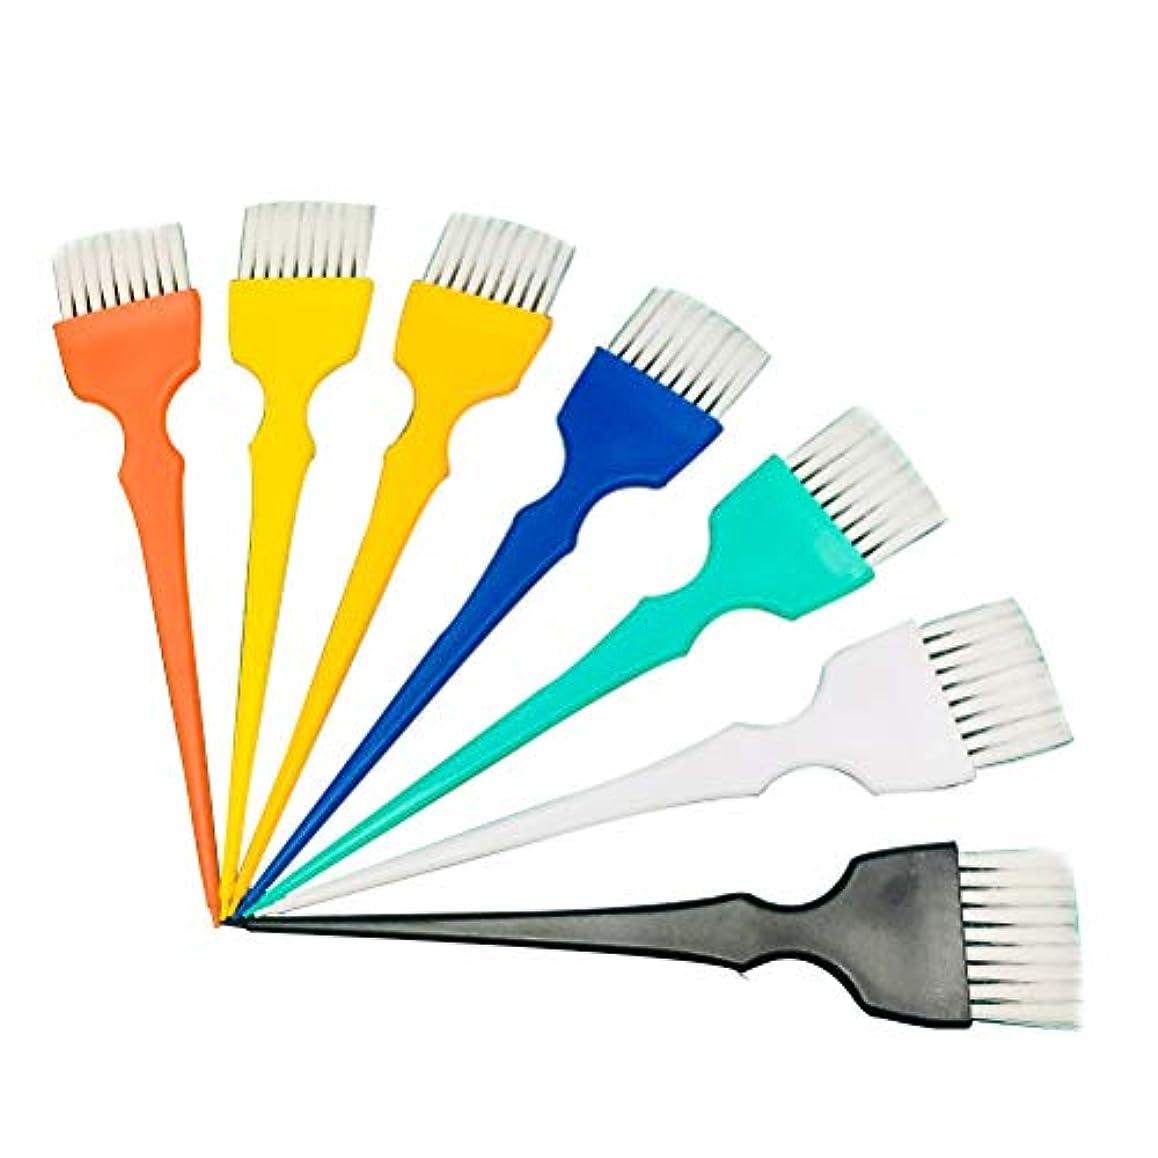 インディカ残酷州Beaupretty 7本染毛ブラシプラスチックソフトブラシヘアカラーブラシ美容院用(ランダムカラー)